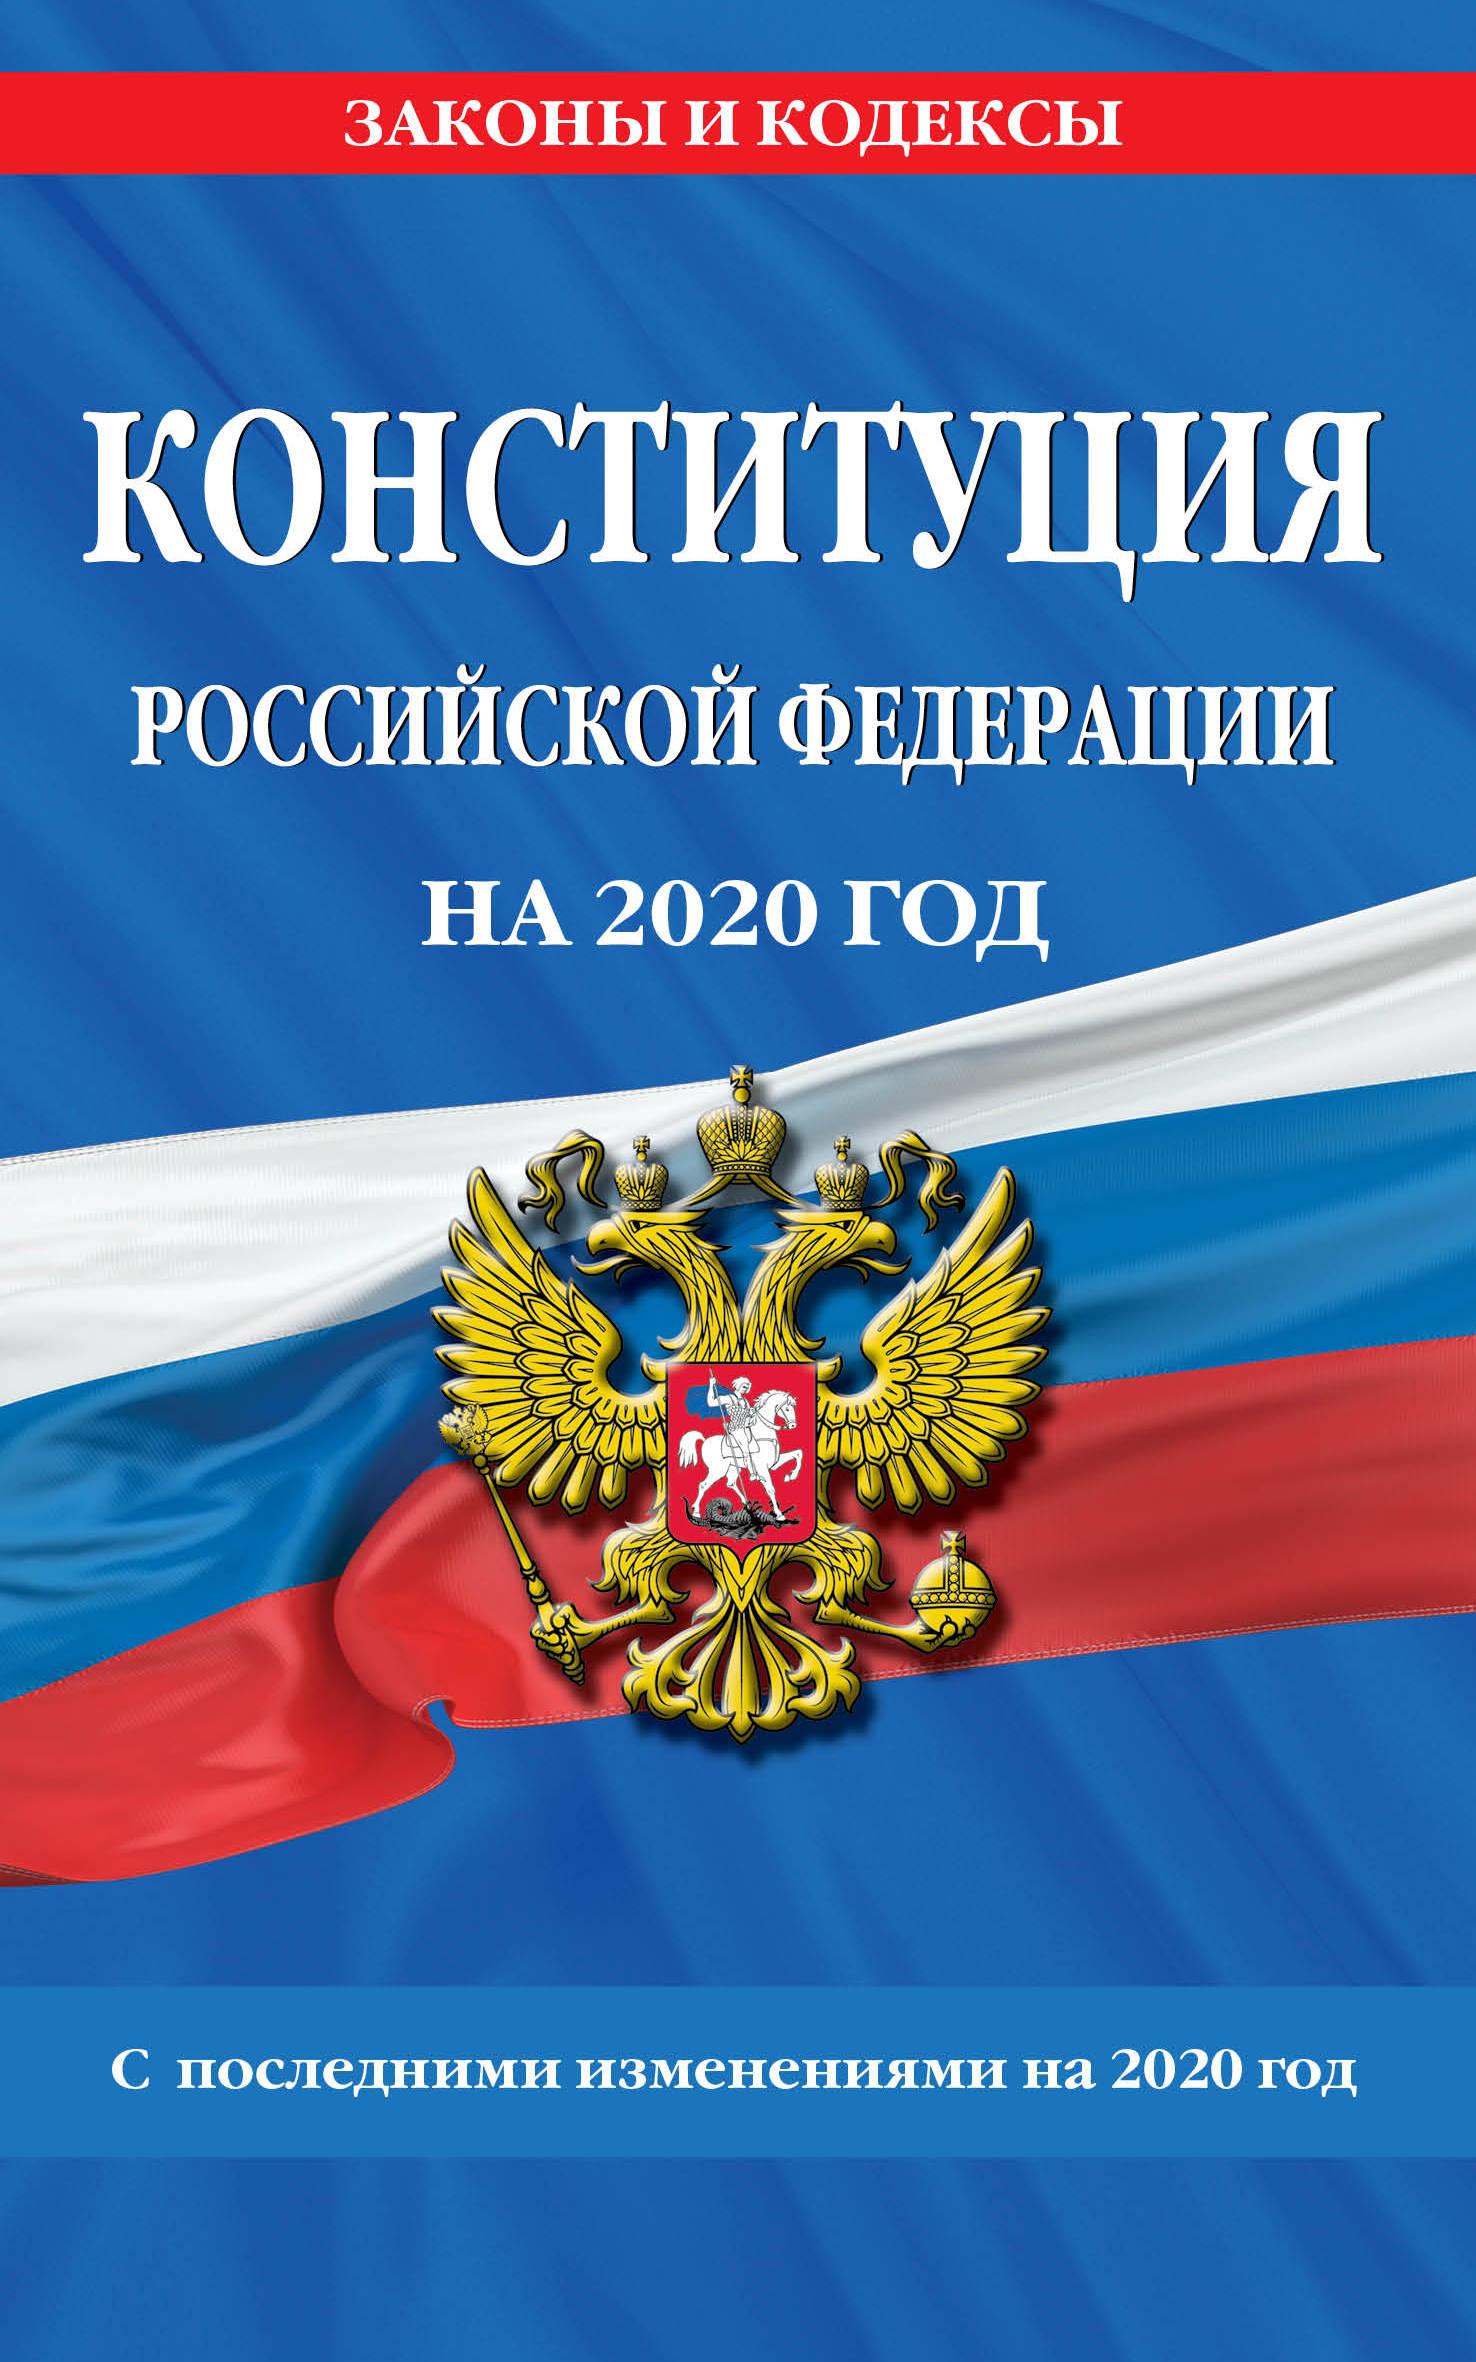 Konstitutsija Rossijskoj Federatsii s izm. i dop. na 2020 god